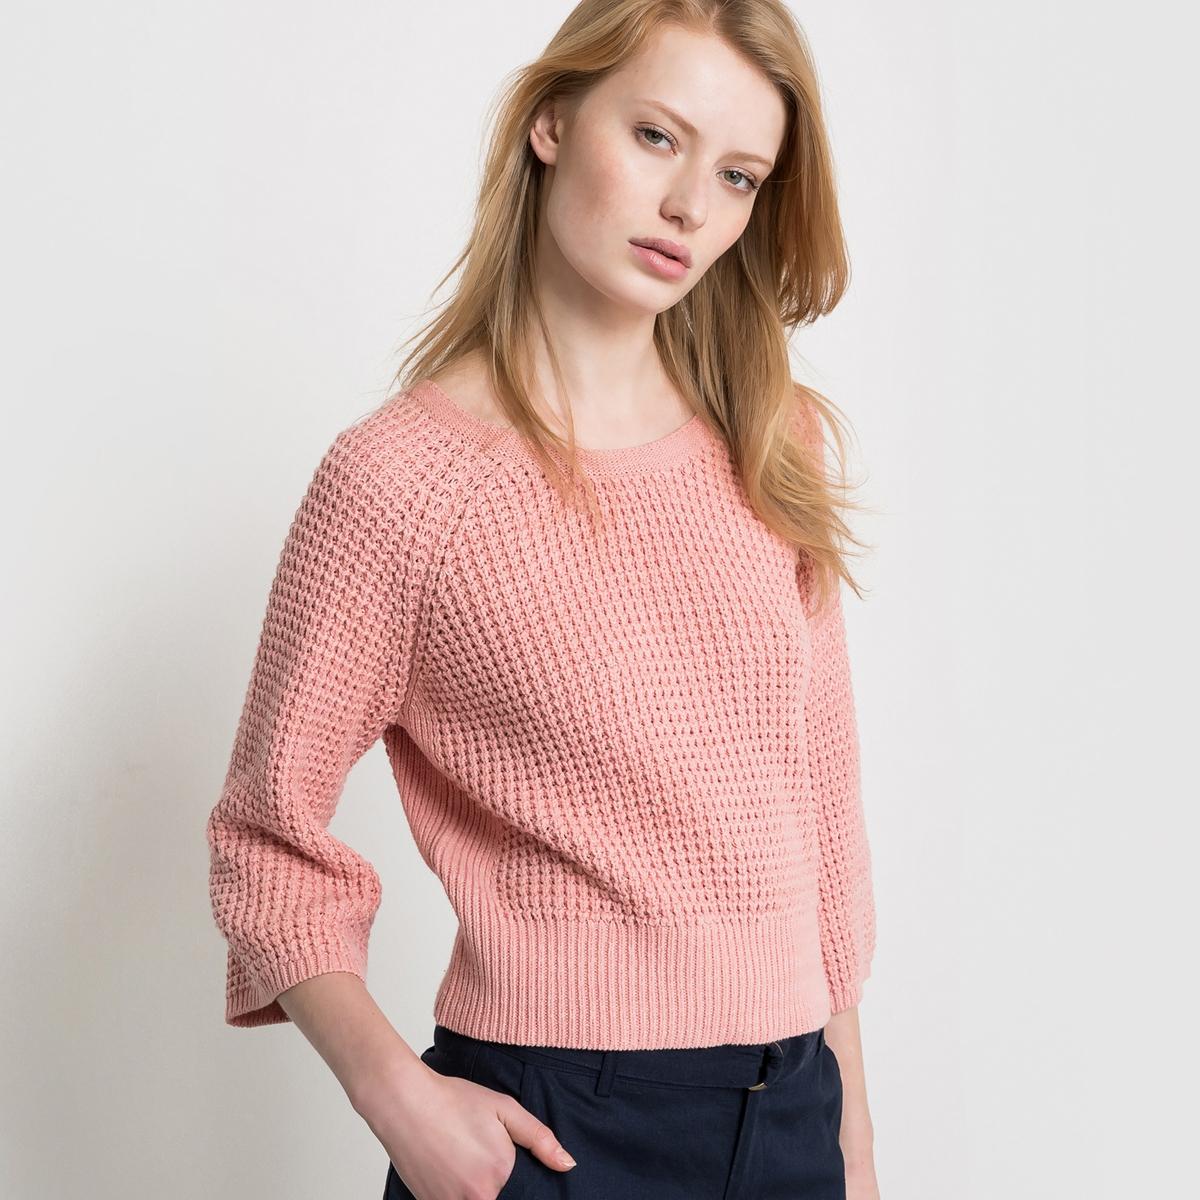 Пуловер короткий с вырезом сзадиКороткий пуловер из плотного трикотажа с вафельным переплетением. Глубокий V-образный вырез на спине, круглый вырез спереди. Широкие рукава 3/4. Края низа, выреза и рукавов связаны в широкий рубчик.Состав и описаниеМатериал : 40% акрила, 60% хлопкаДлина : 51 смУход Машинная стирка при 30 °С<br><br>Цвет: увядшая роза меланж<br>Размер: 46/48 (FR) - 52/54 (RUS)